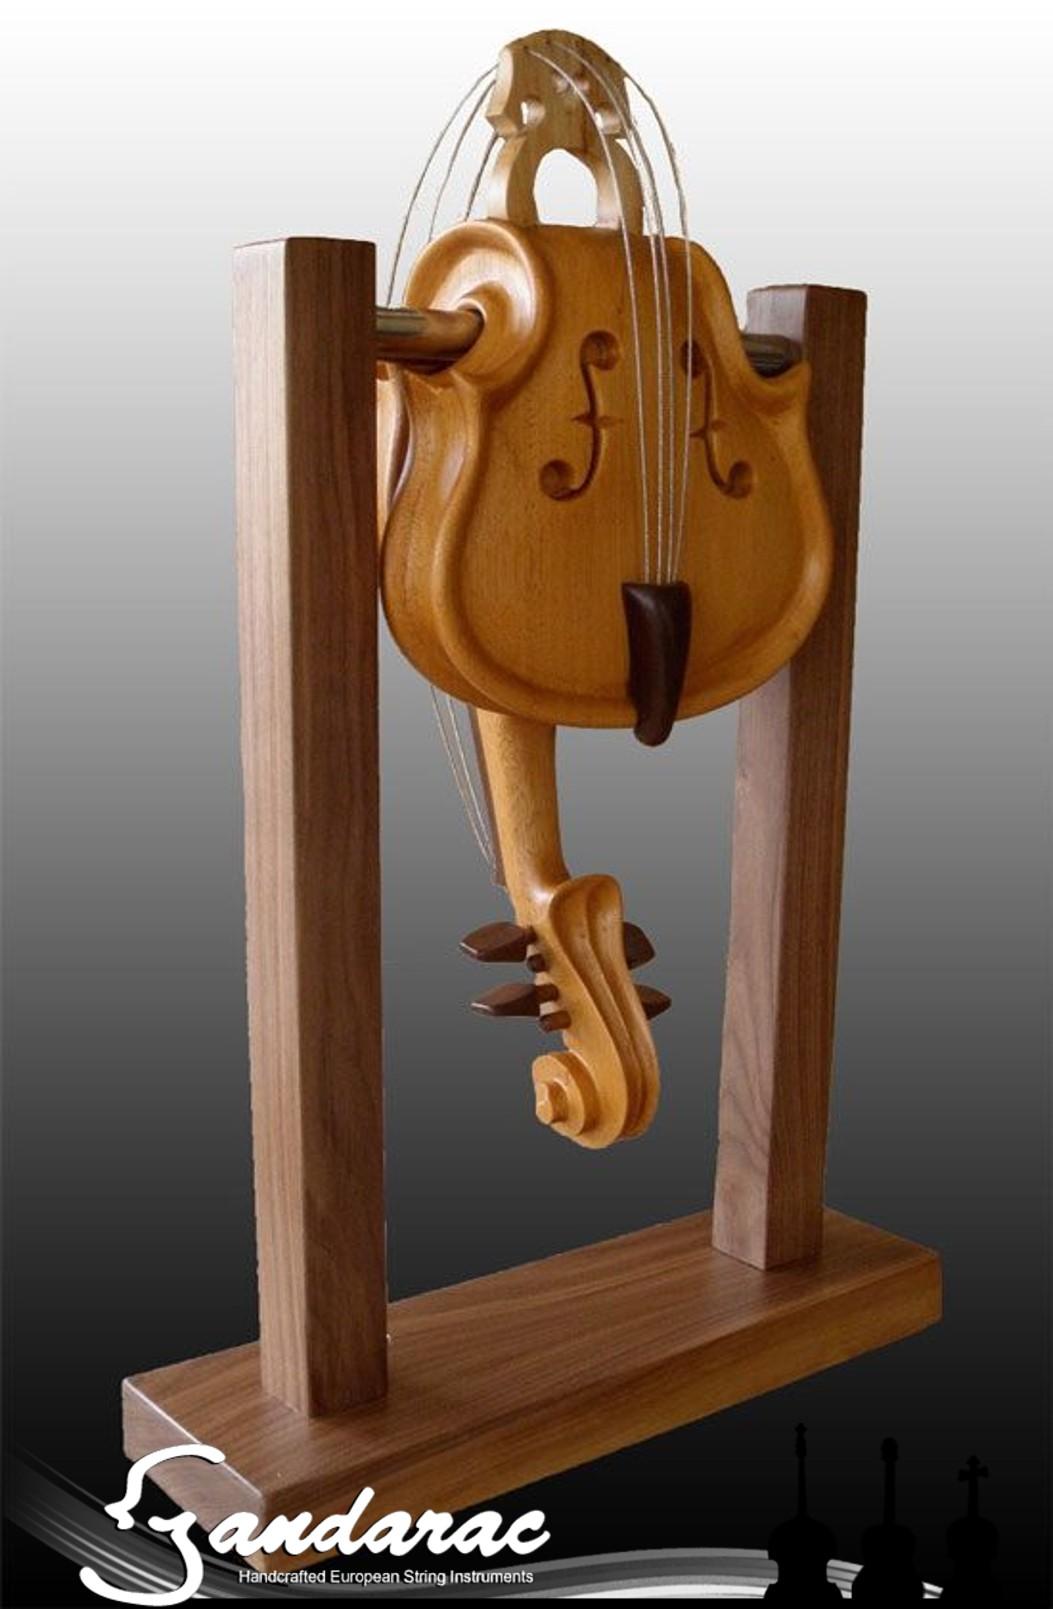 25 - melting cello